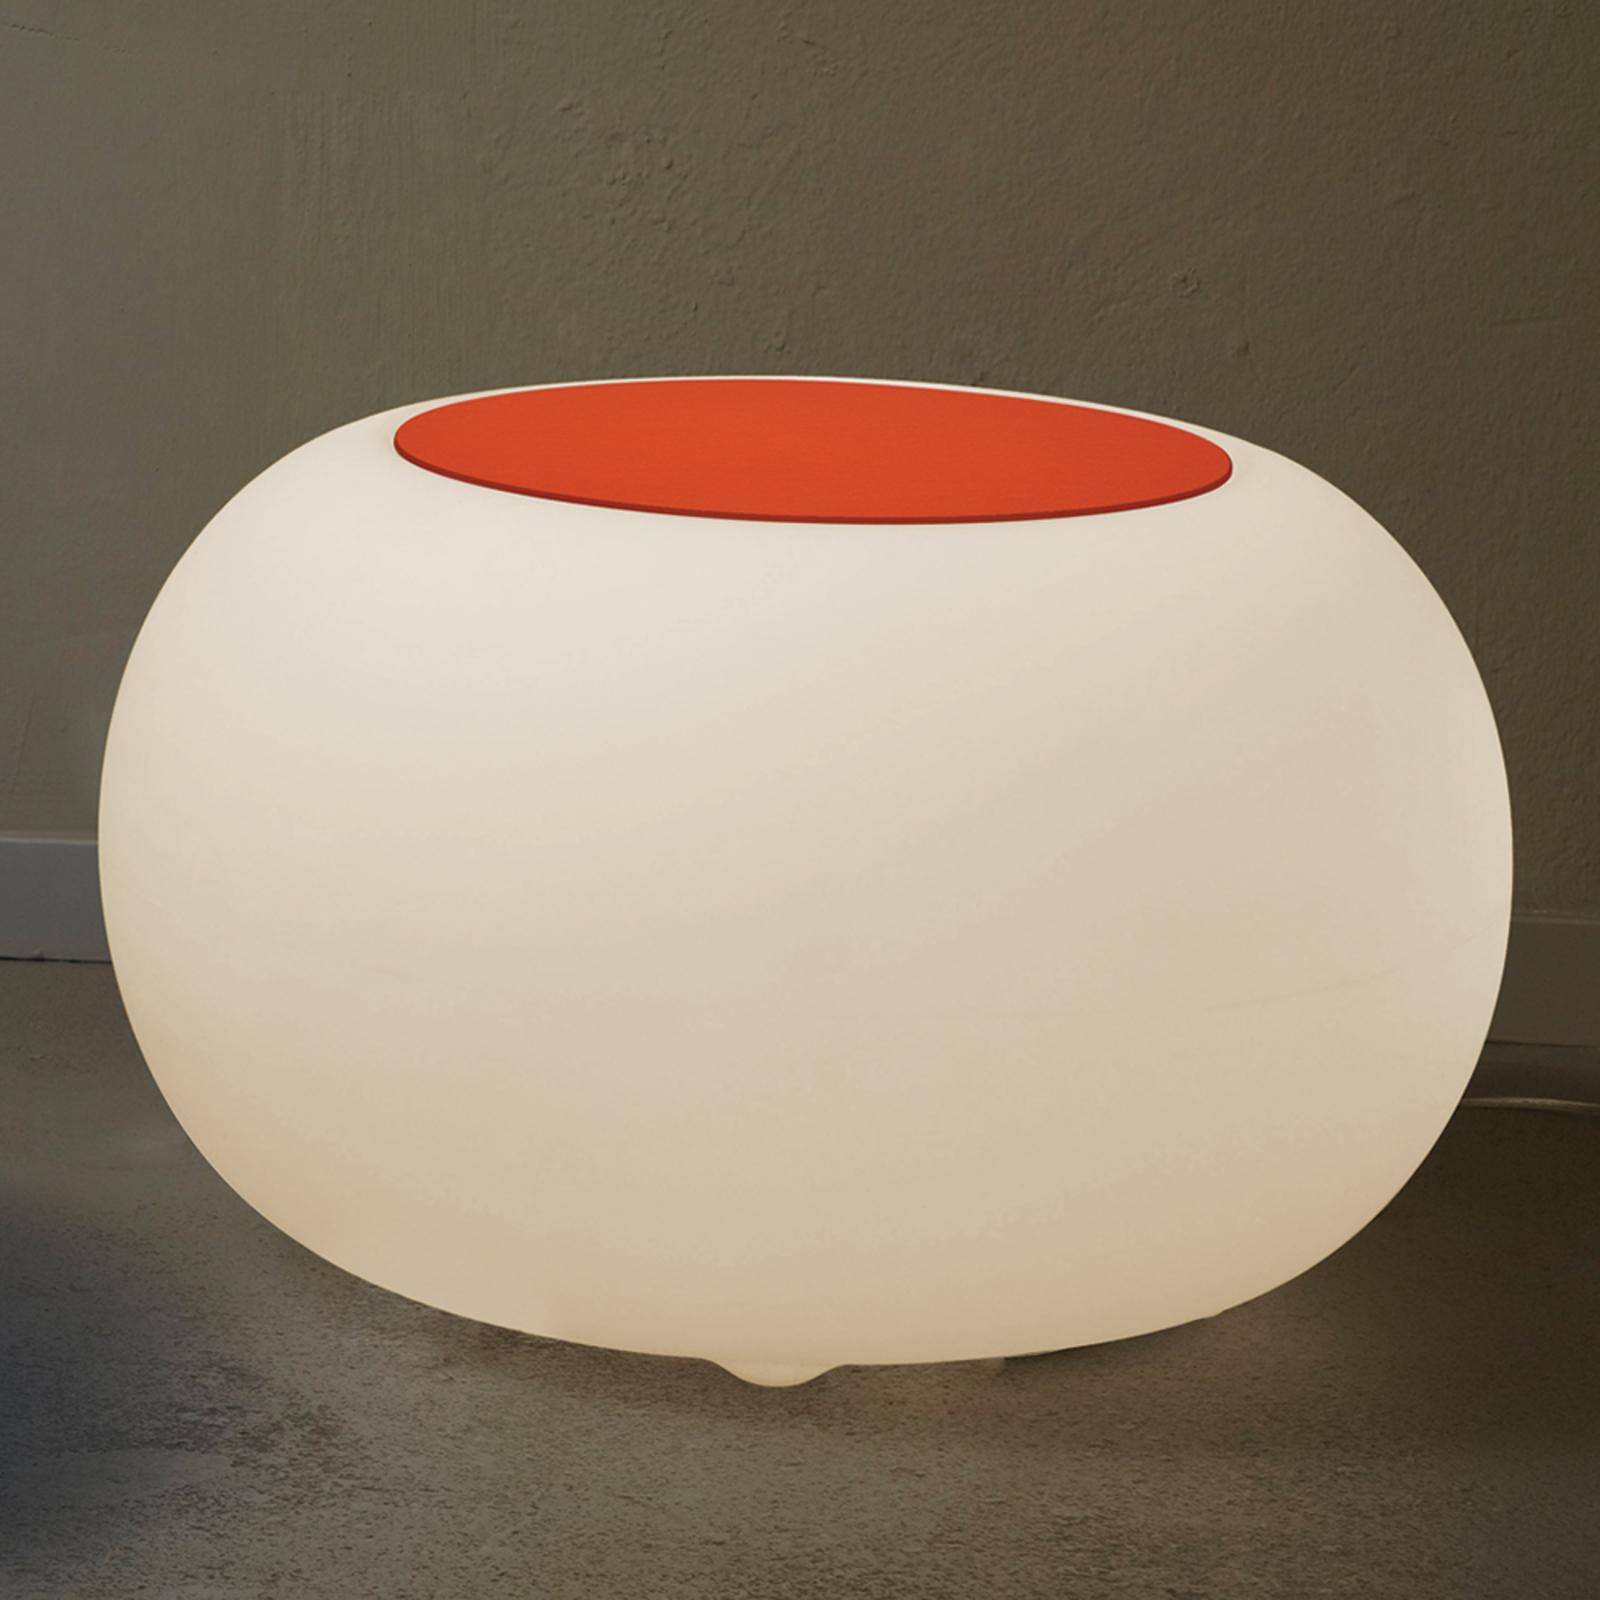 Pöytä Bubble Indoor LED valkoinen + huopa oranssi